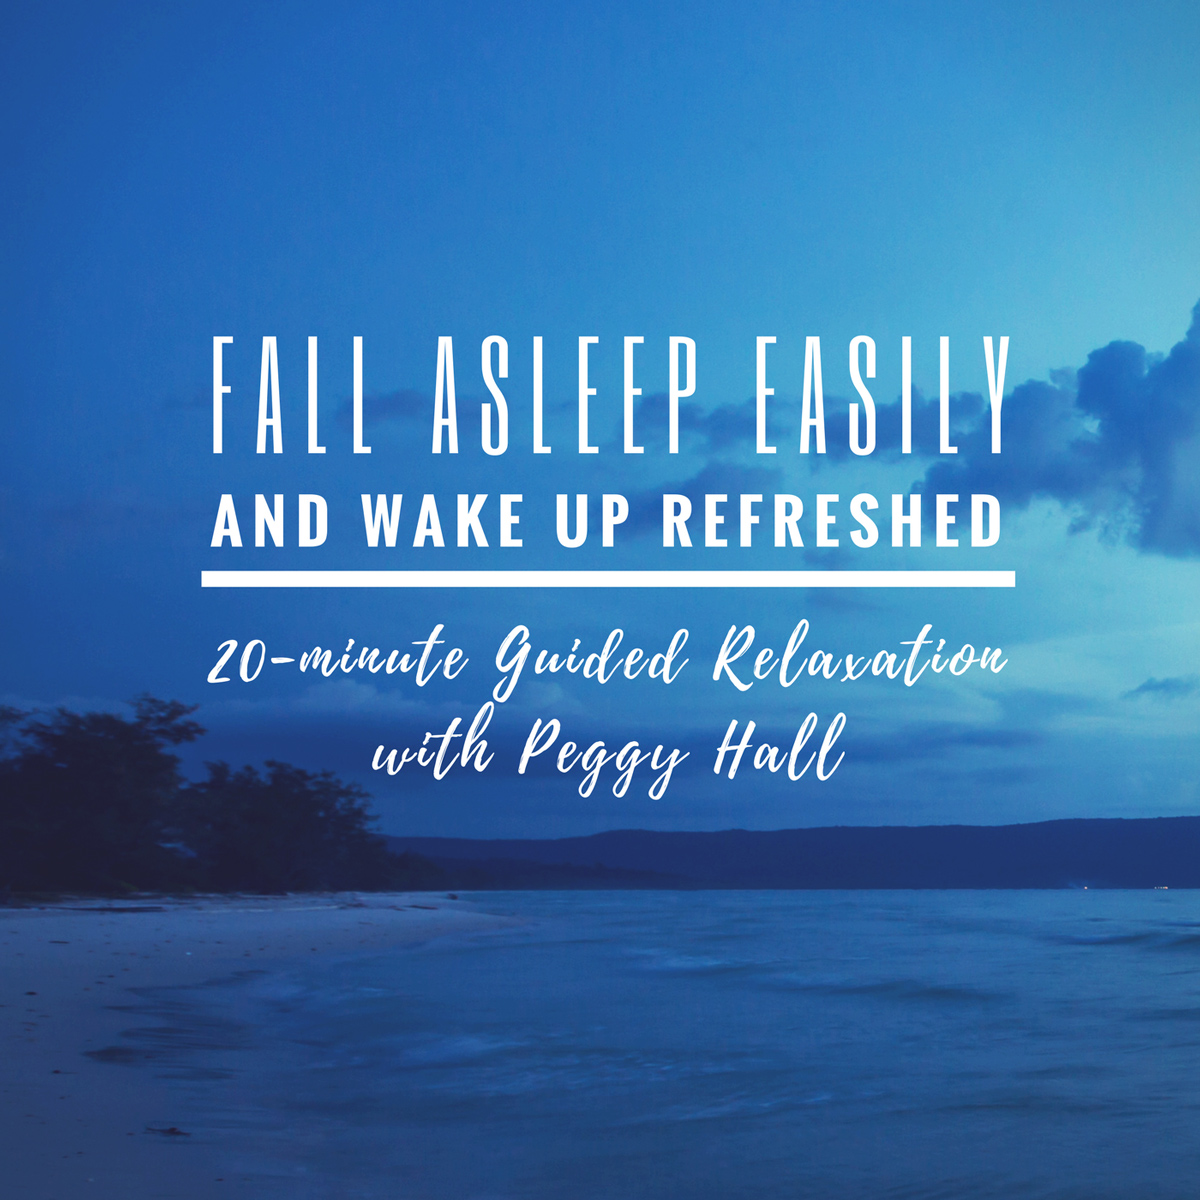 Fall-Asleep-Easily-Cover-1.jpg